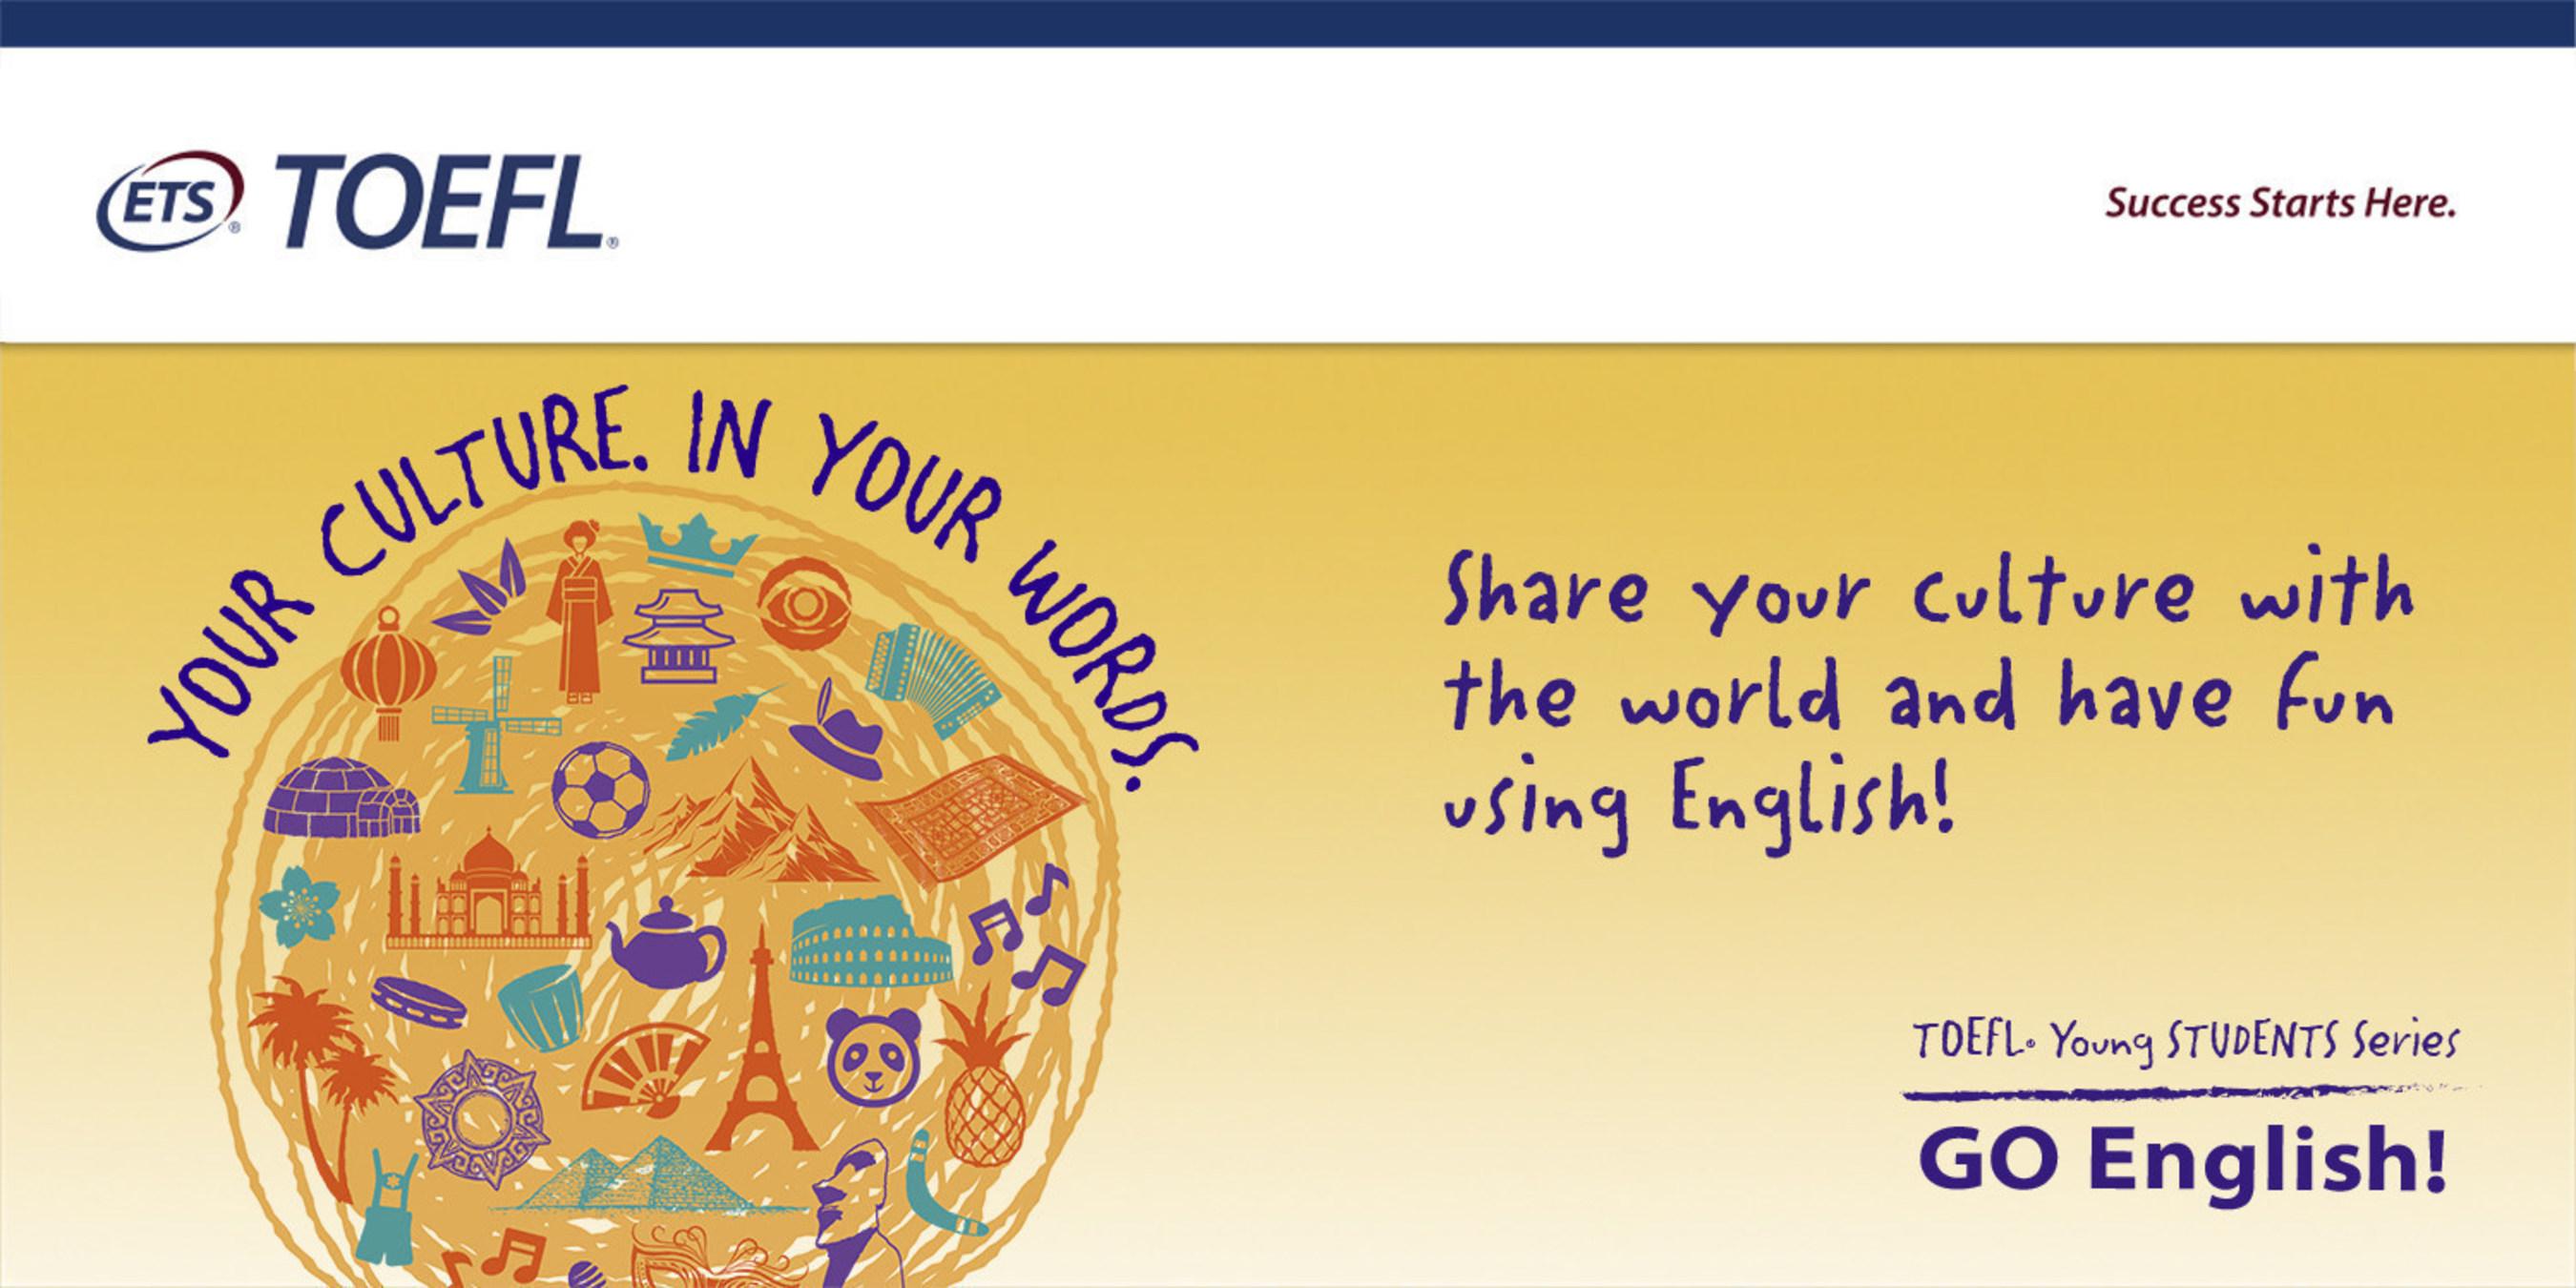 TOEFL® Young Students Series GO English! Le projet est relancé pour une seconde fois